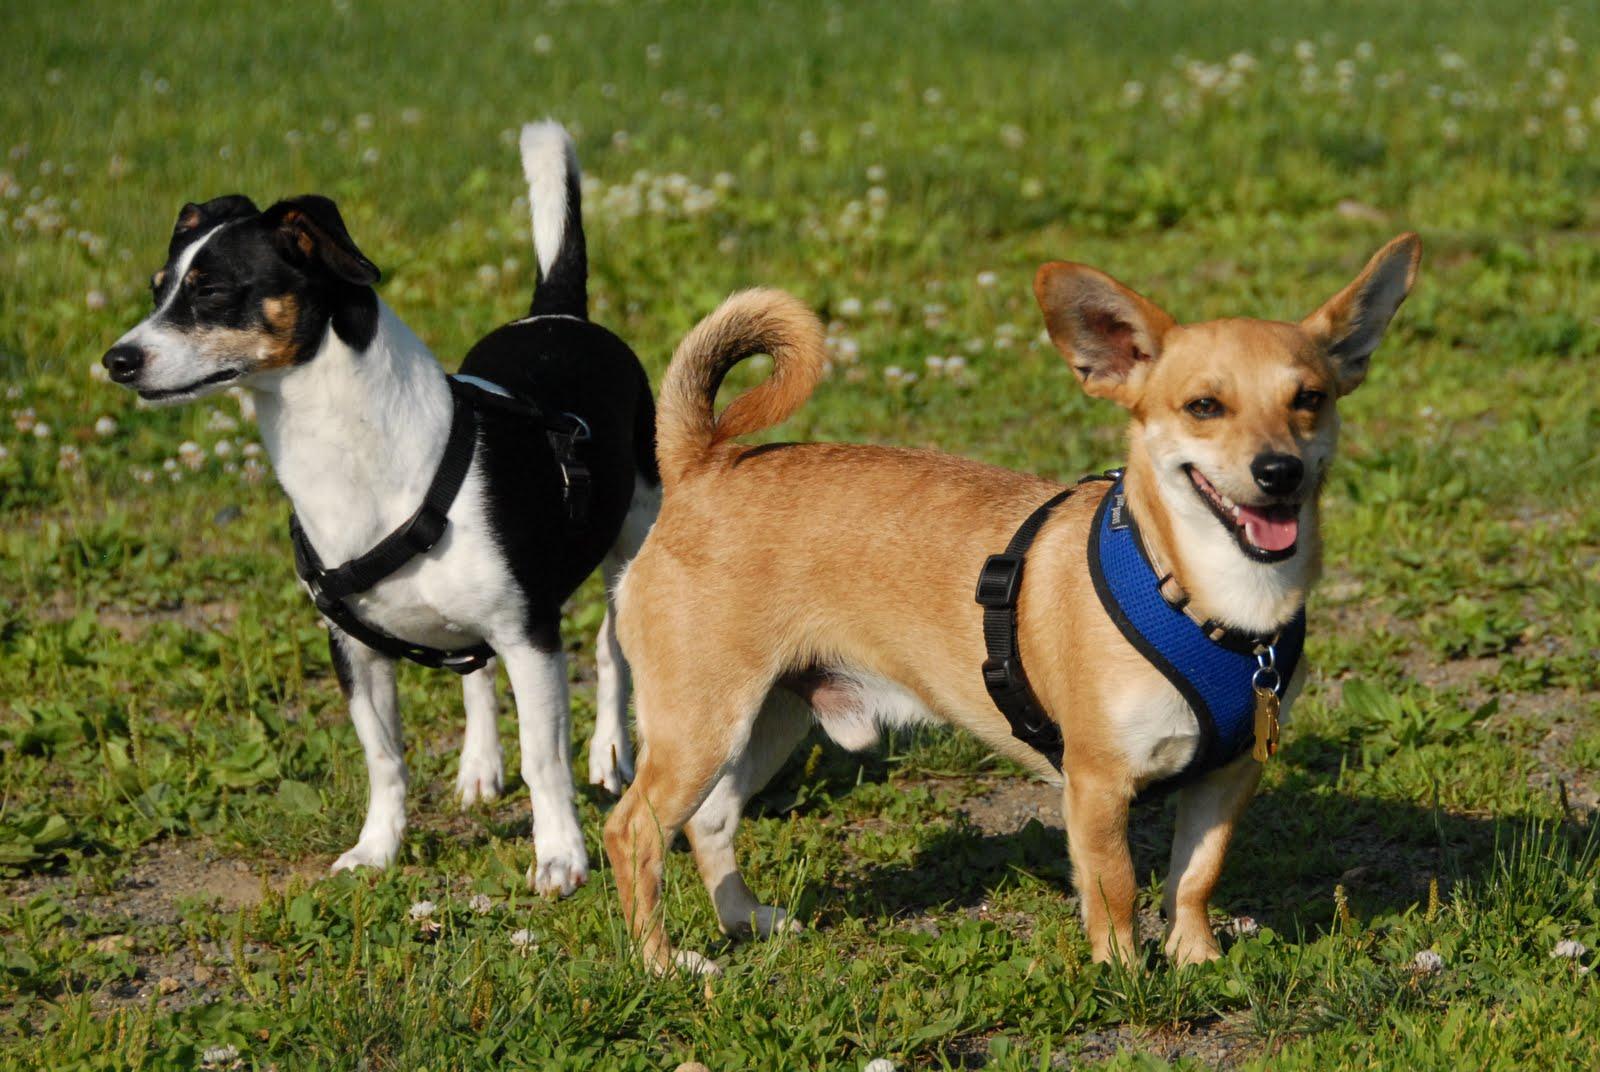 Sonny | Morris County and Denville, NJ Dog Parks